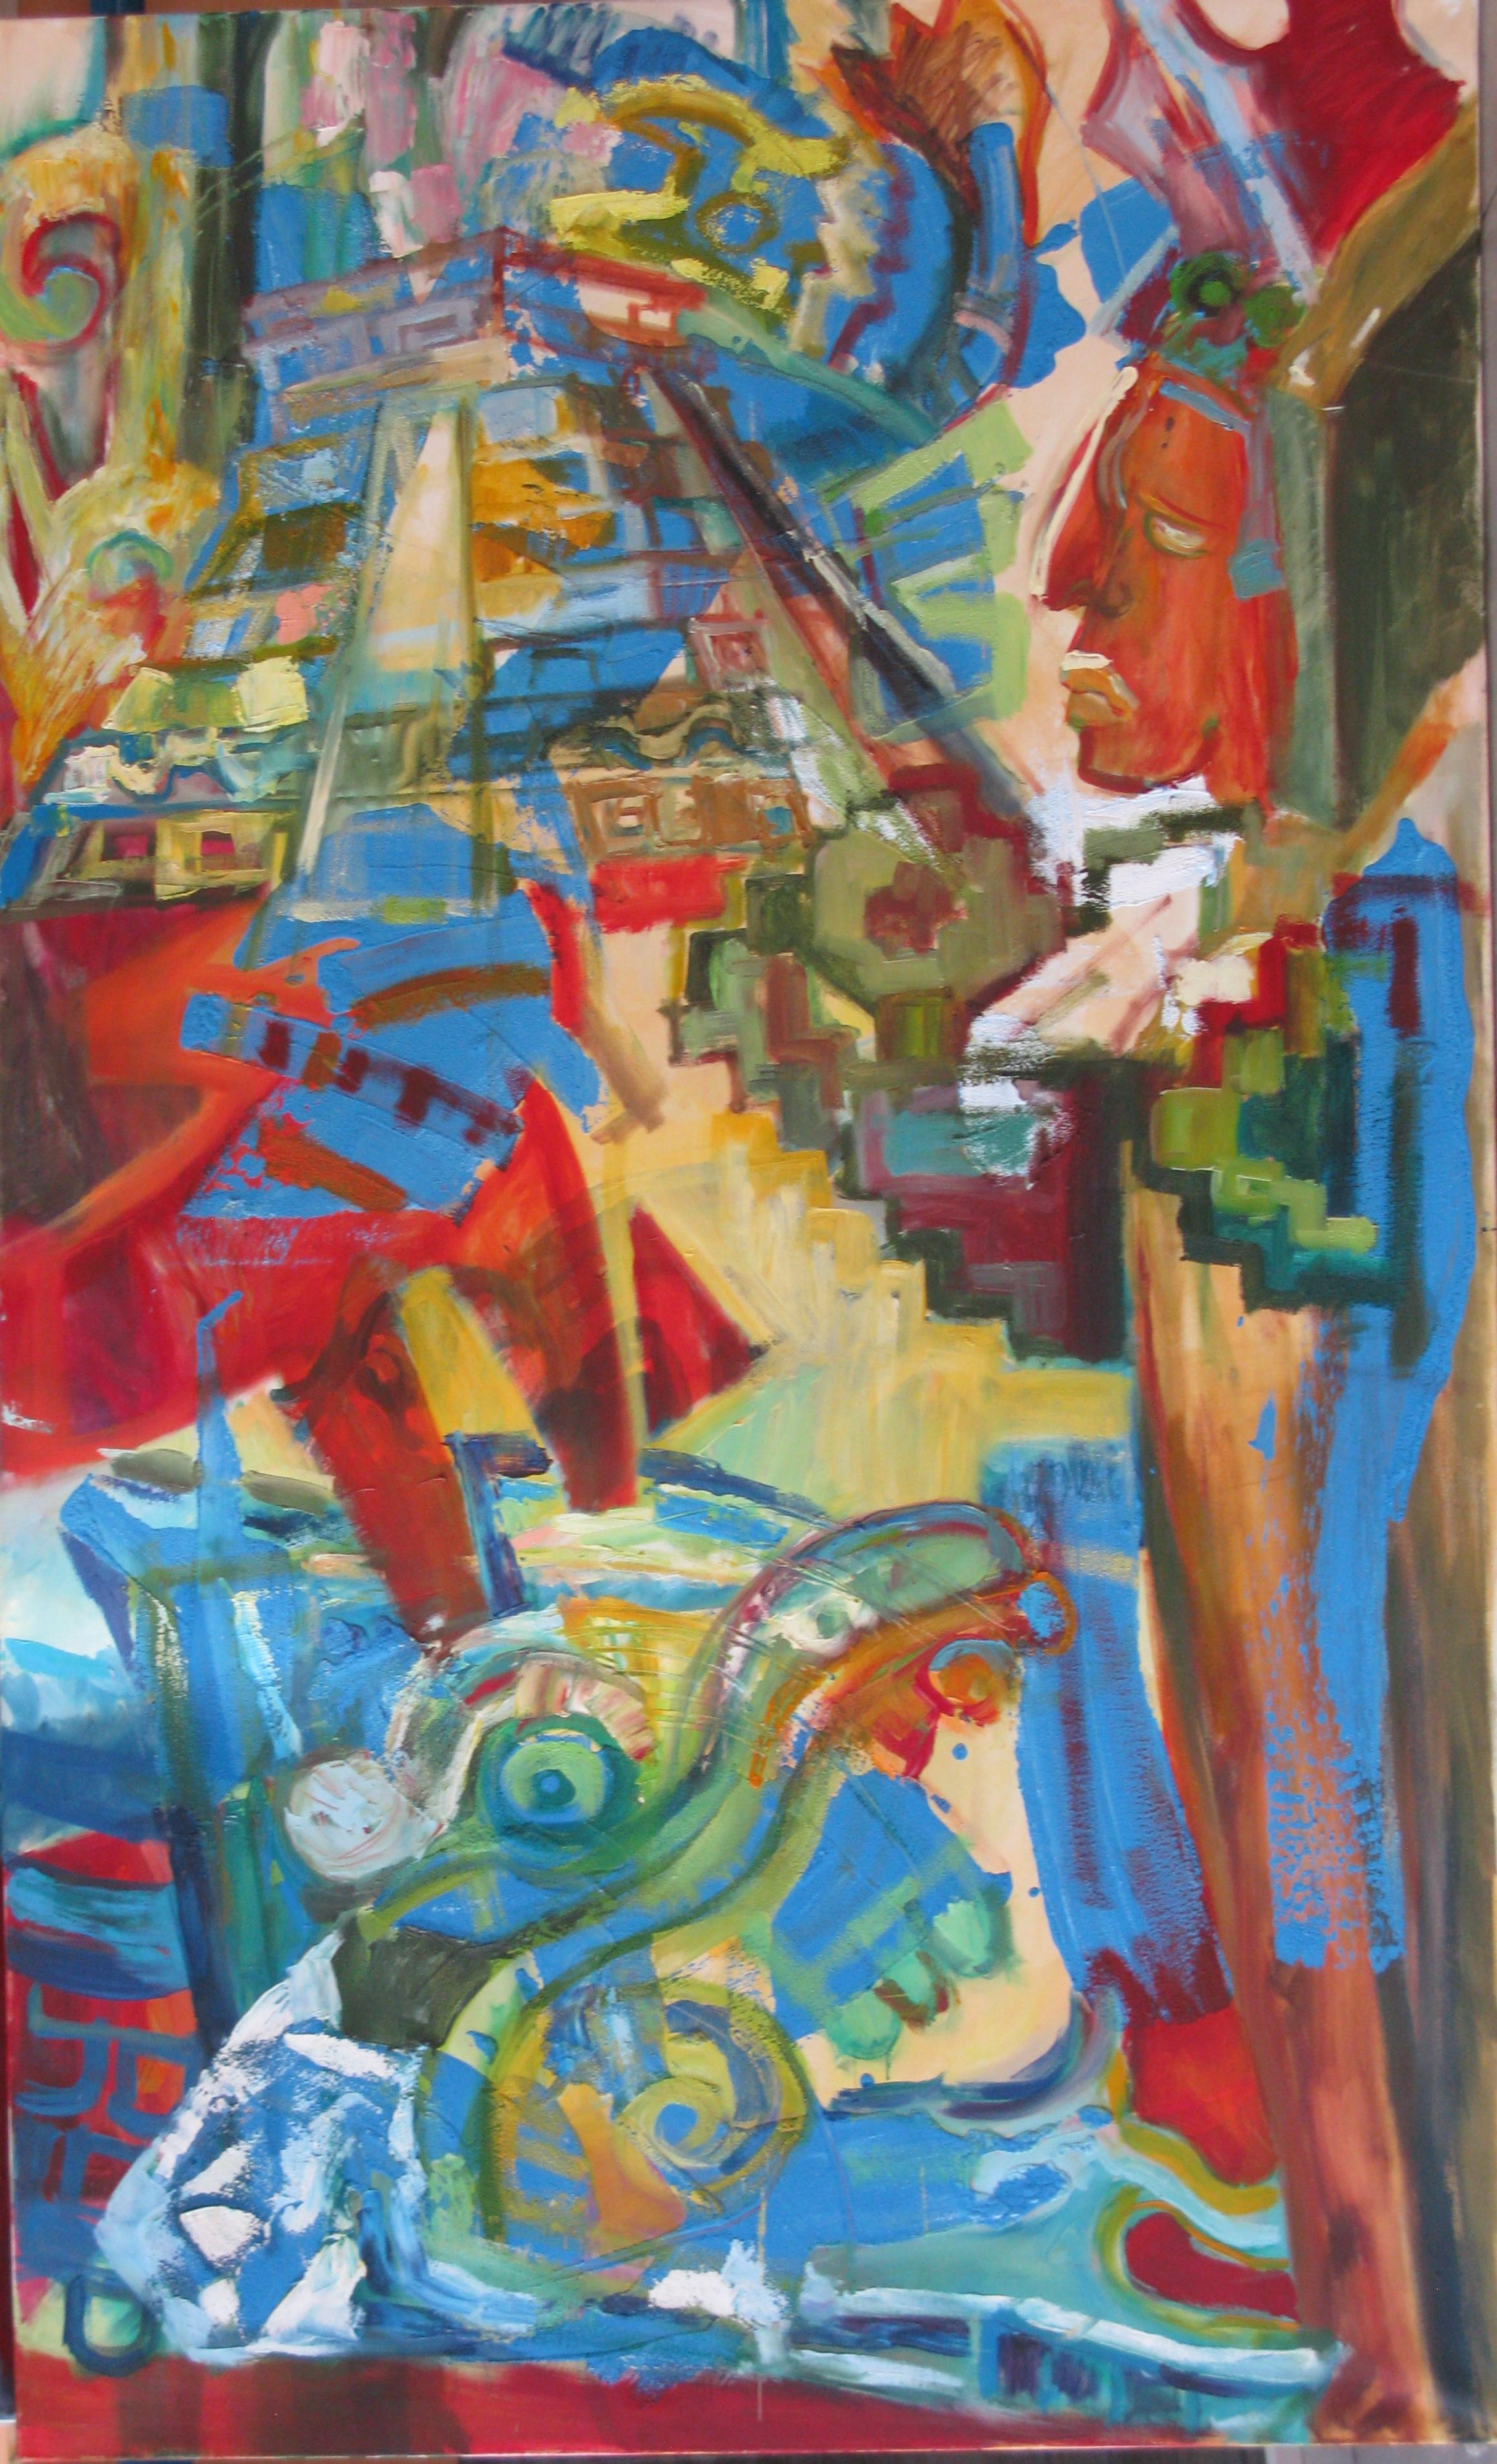 MAJOWIE PIERZASTEGO WĘŻA  olej na płótnie, 190 x 115 cm